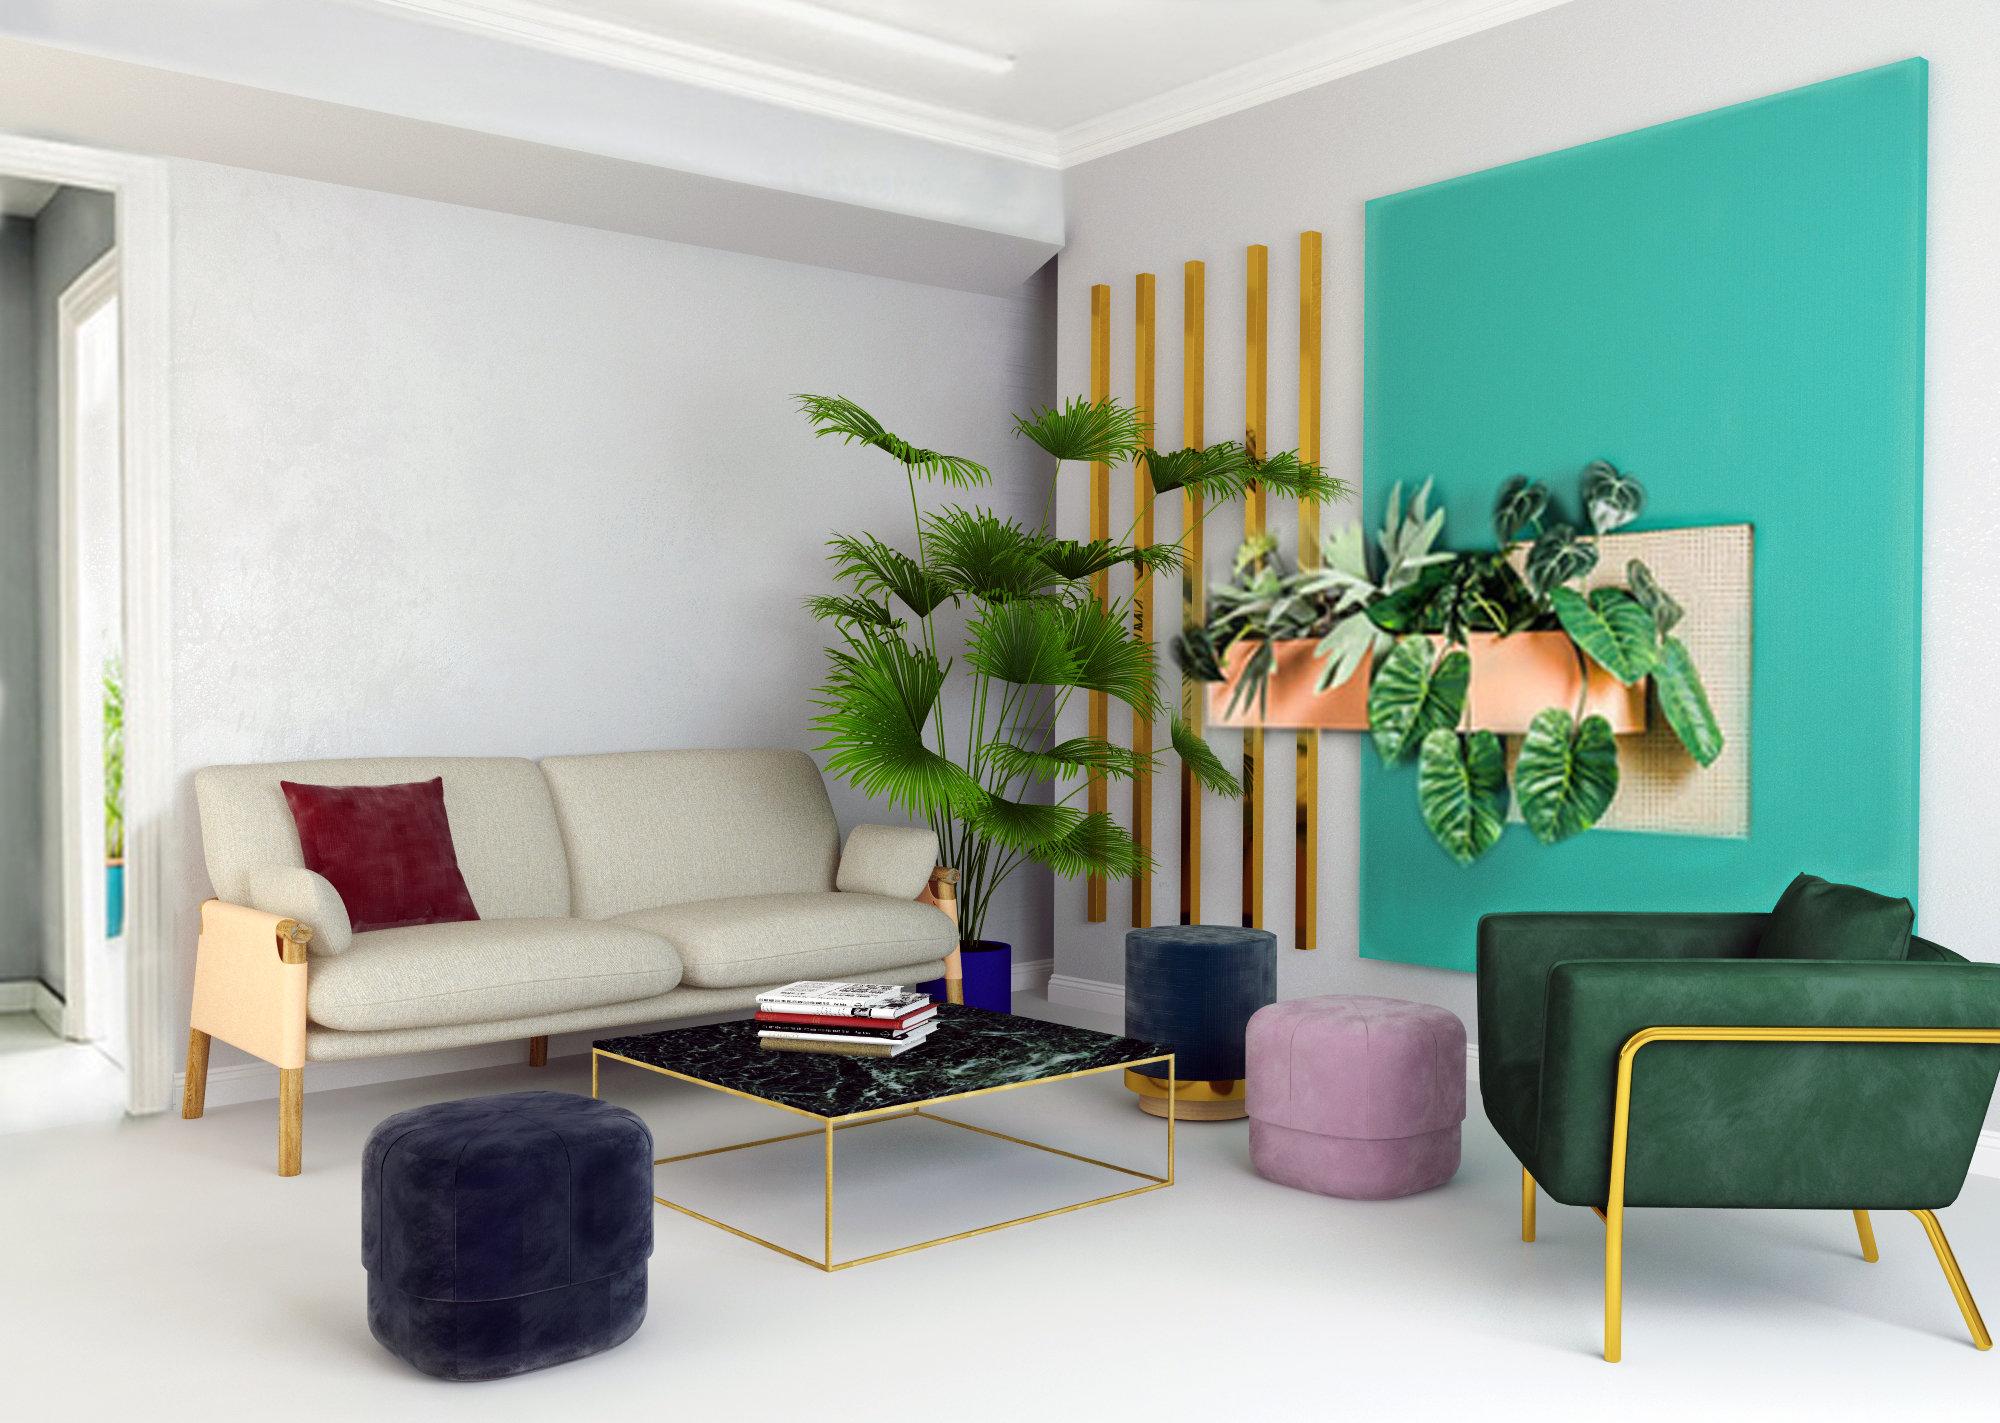 la d co r tro des ann es 60 est de retour inspiration. Black Bedroom Furniture Sets. Home Design Ideas